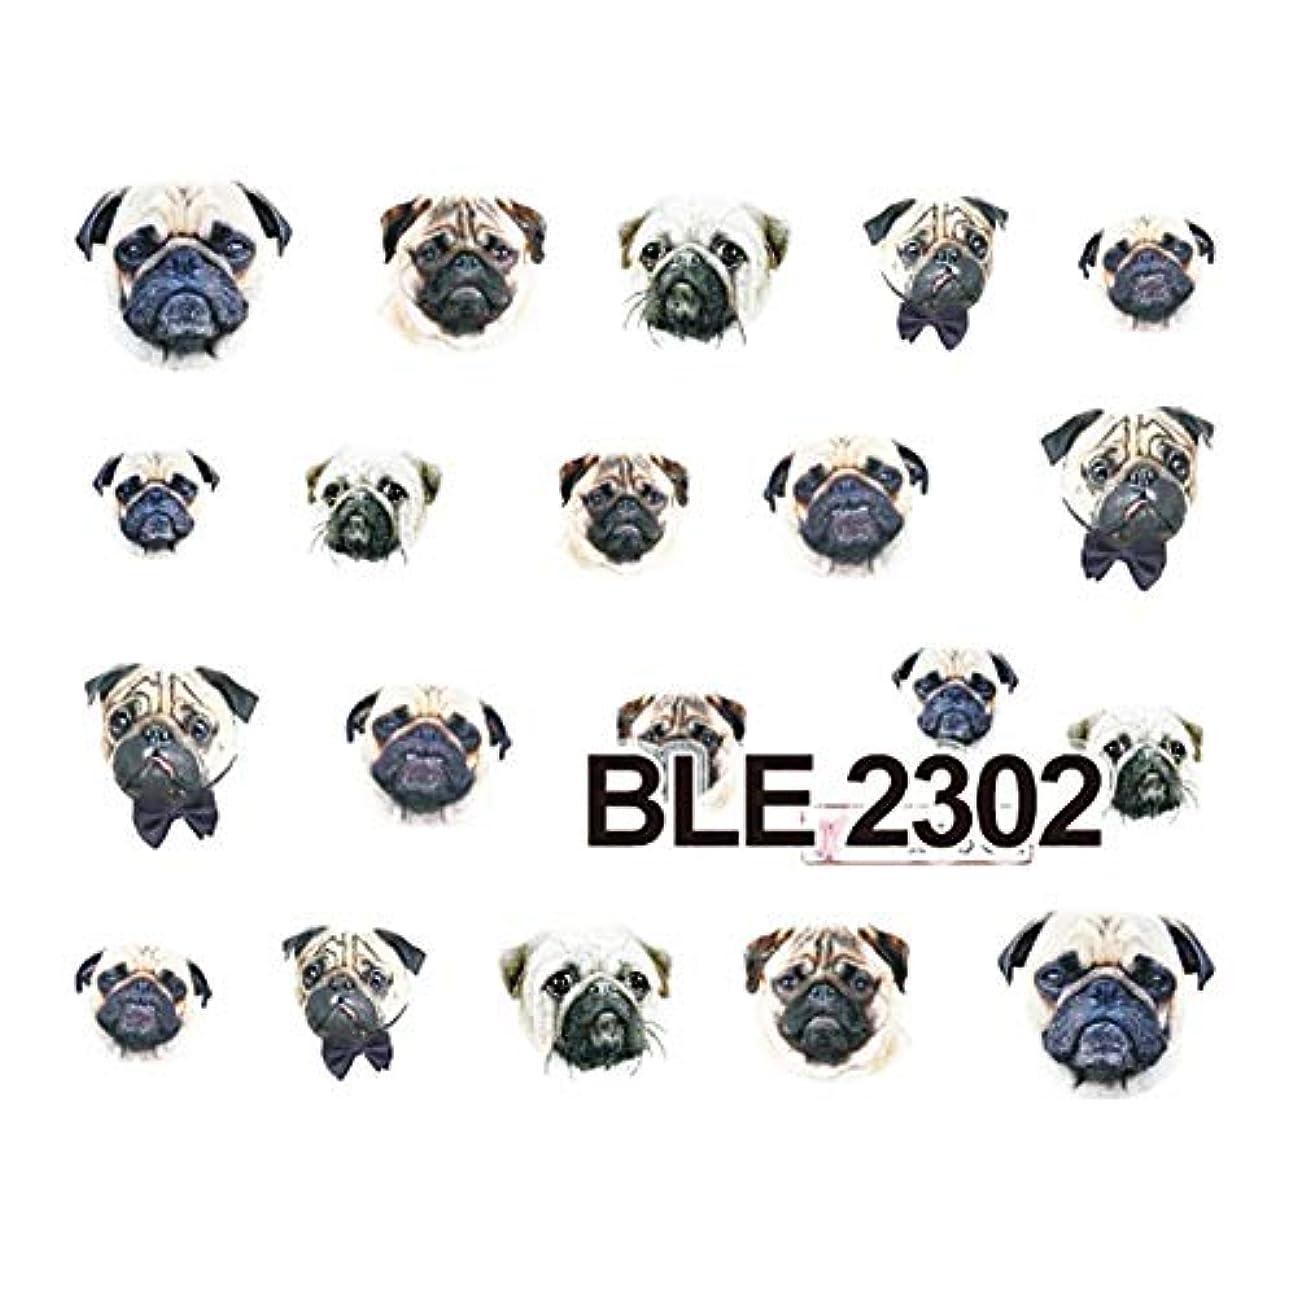 居心地の良いお祝いページェントLITI ネイルシール ラブリー 犬 リアル いぬ かわいい 犬 コーギー ネイルアート 動物 アニマル 実写 転送ネイルアートステッカー 異なるスタイル 動物犬 マニキュアペディキュアステッカー